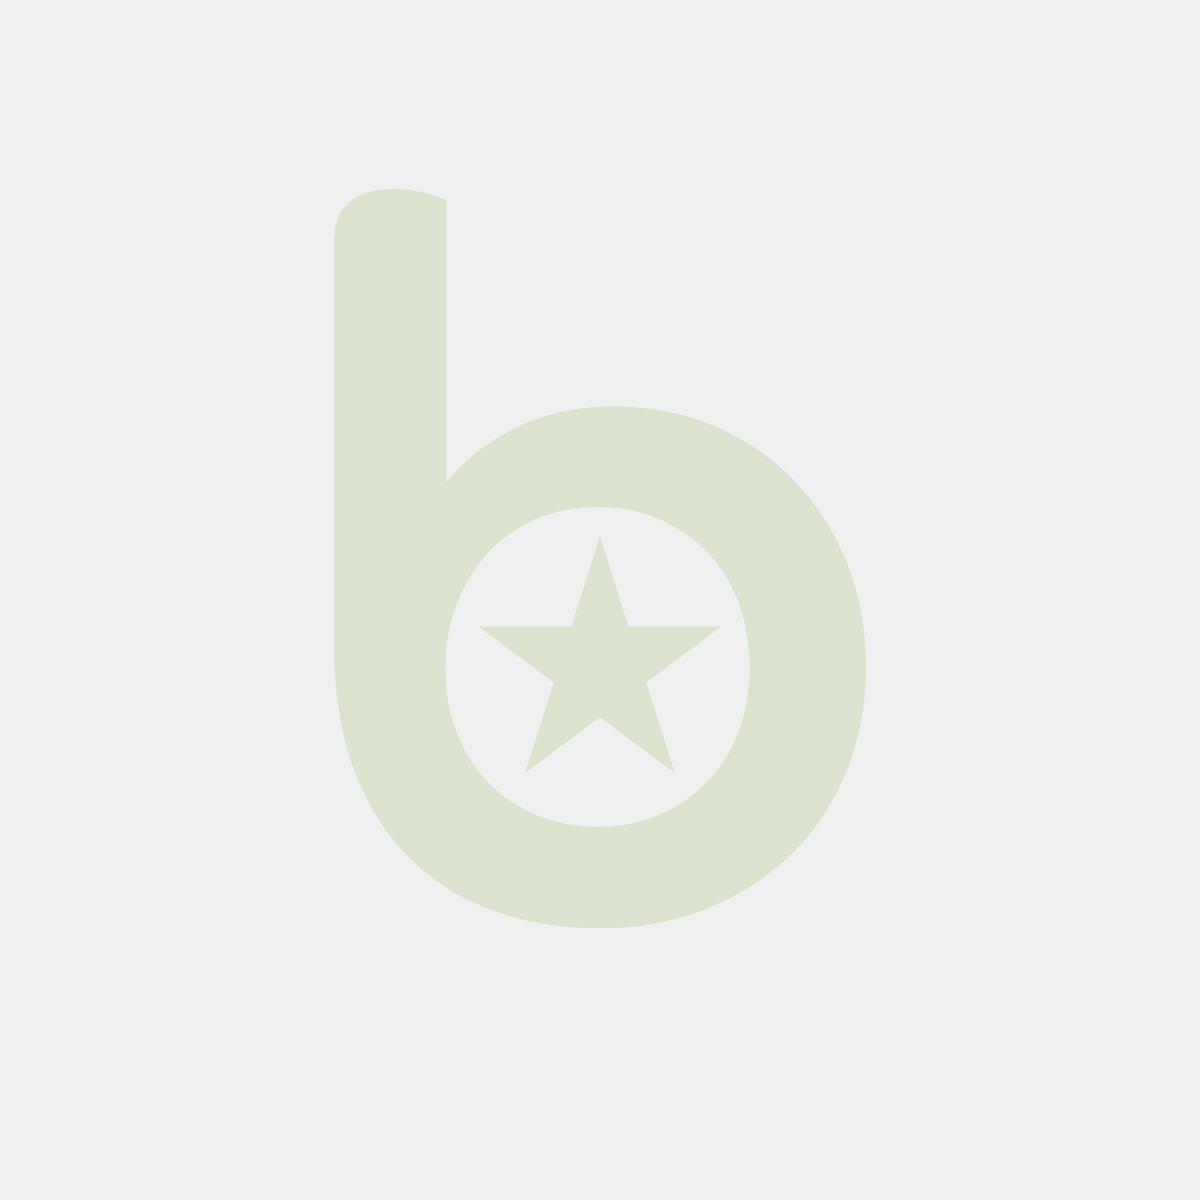 Taśma pakowa SCOTCH®, zabezpieczająca korespondencje, papierowa, 50mm, 50m, brązowa